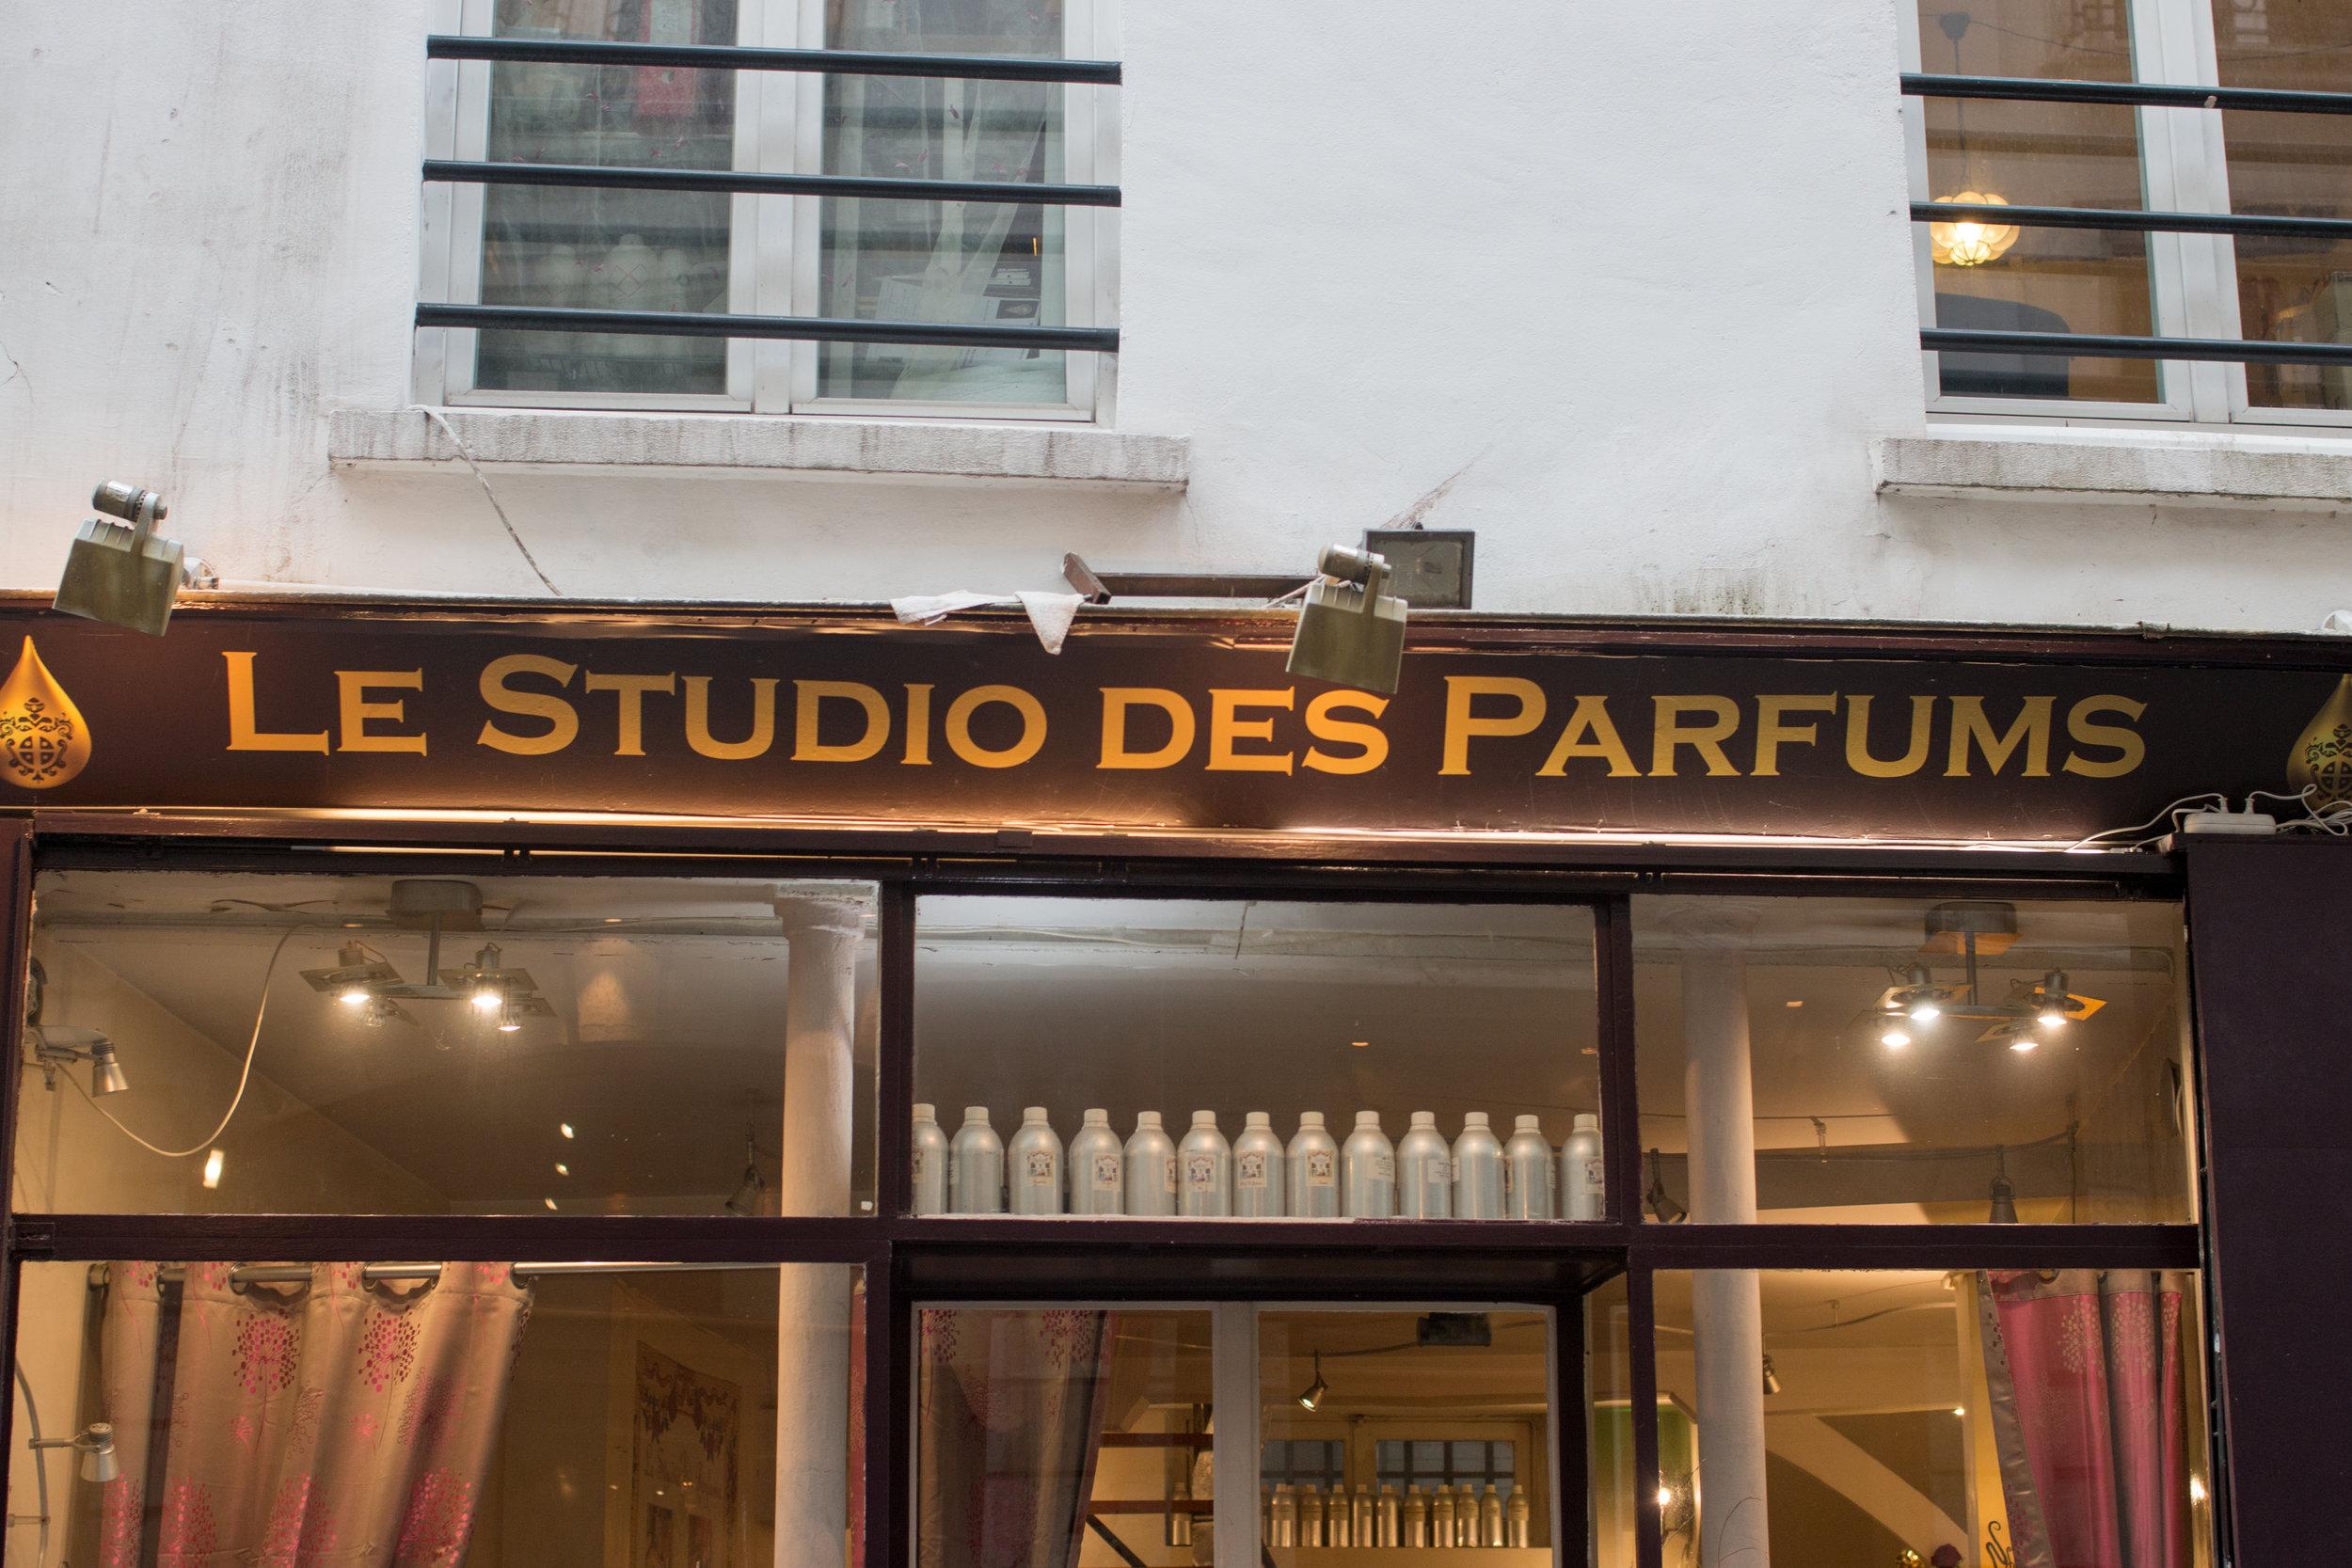 le studio des parfums